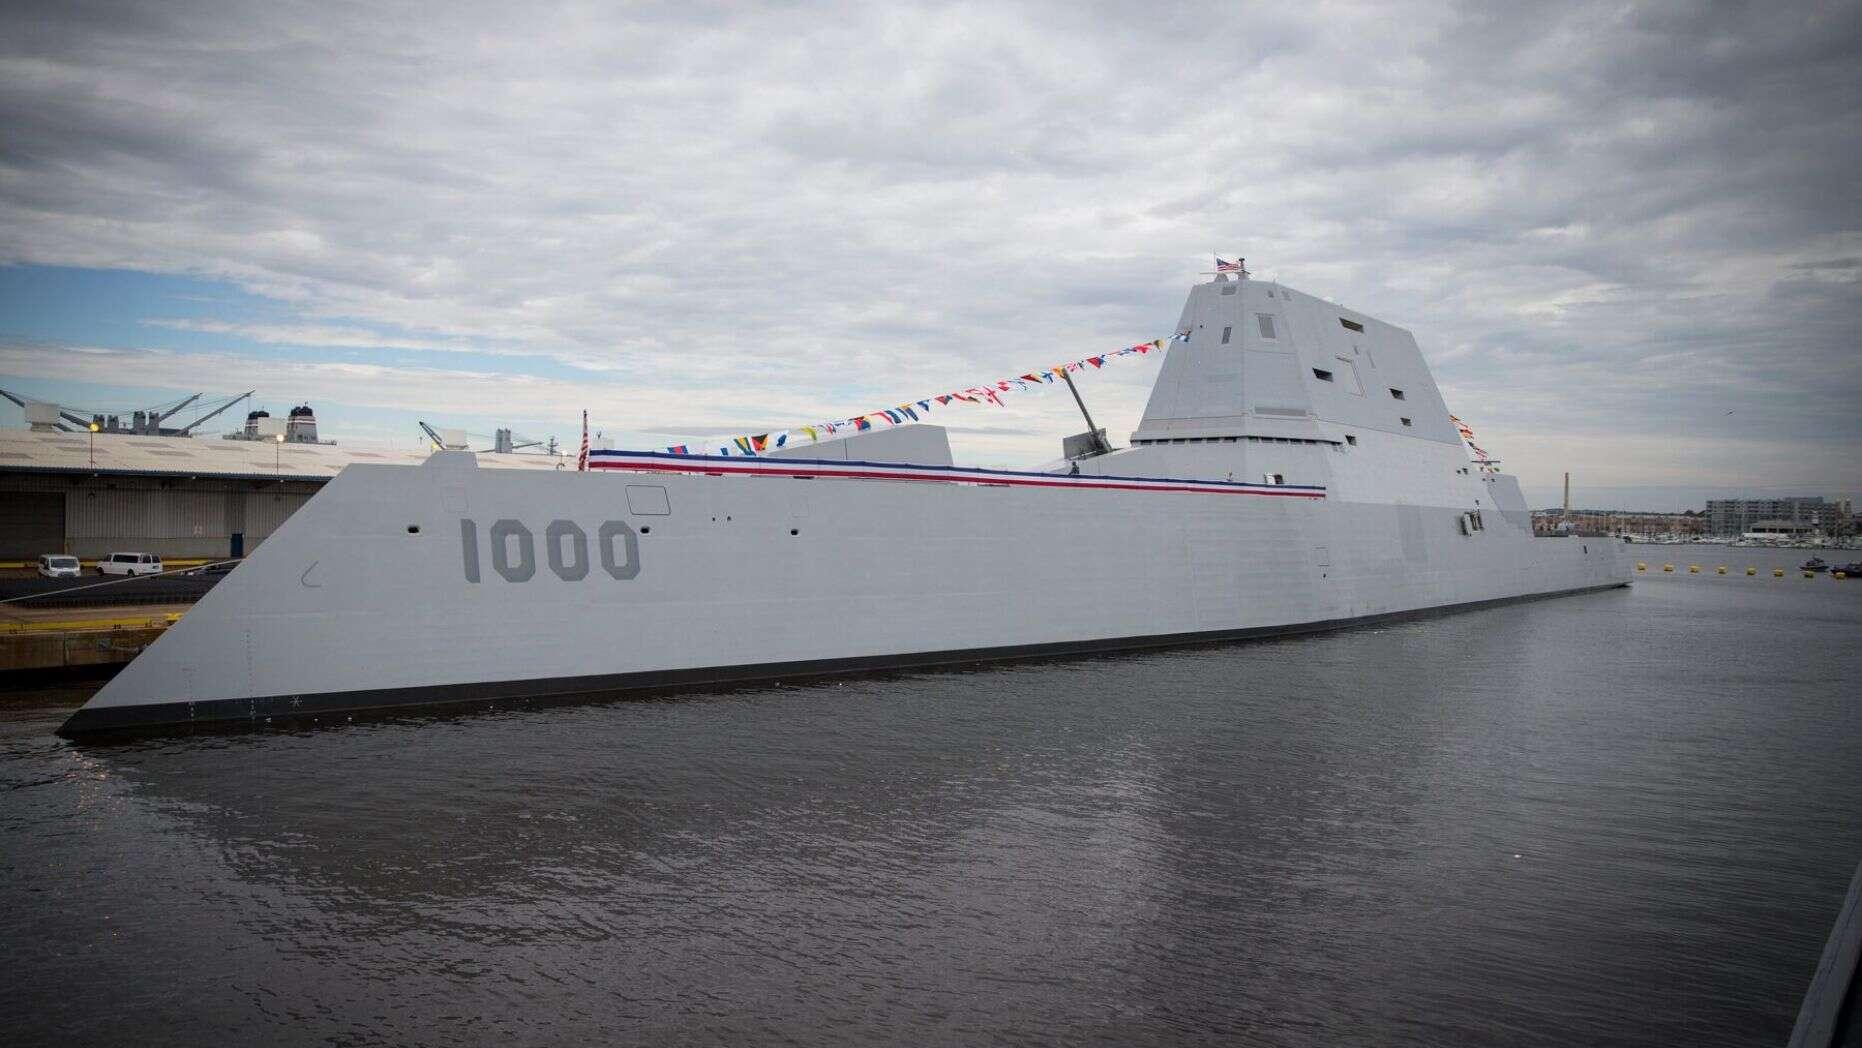 ناوشکن های کلاس USS Zumwalt با قابلیت حمل موشک های هدایت شونده، یکی از جاه طلبانه ترین و مدرن ترین طرح های کشتی های جنگی امروزی است که از هر جهت از همتایان خود توانمندترند.